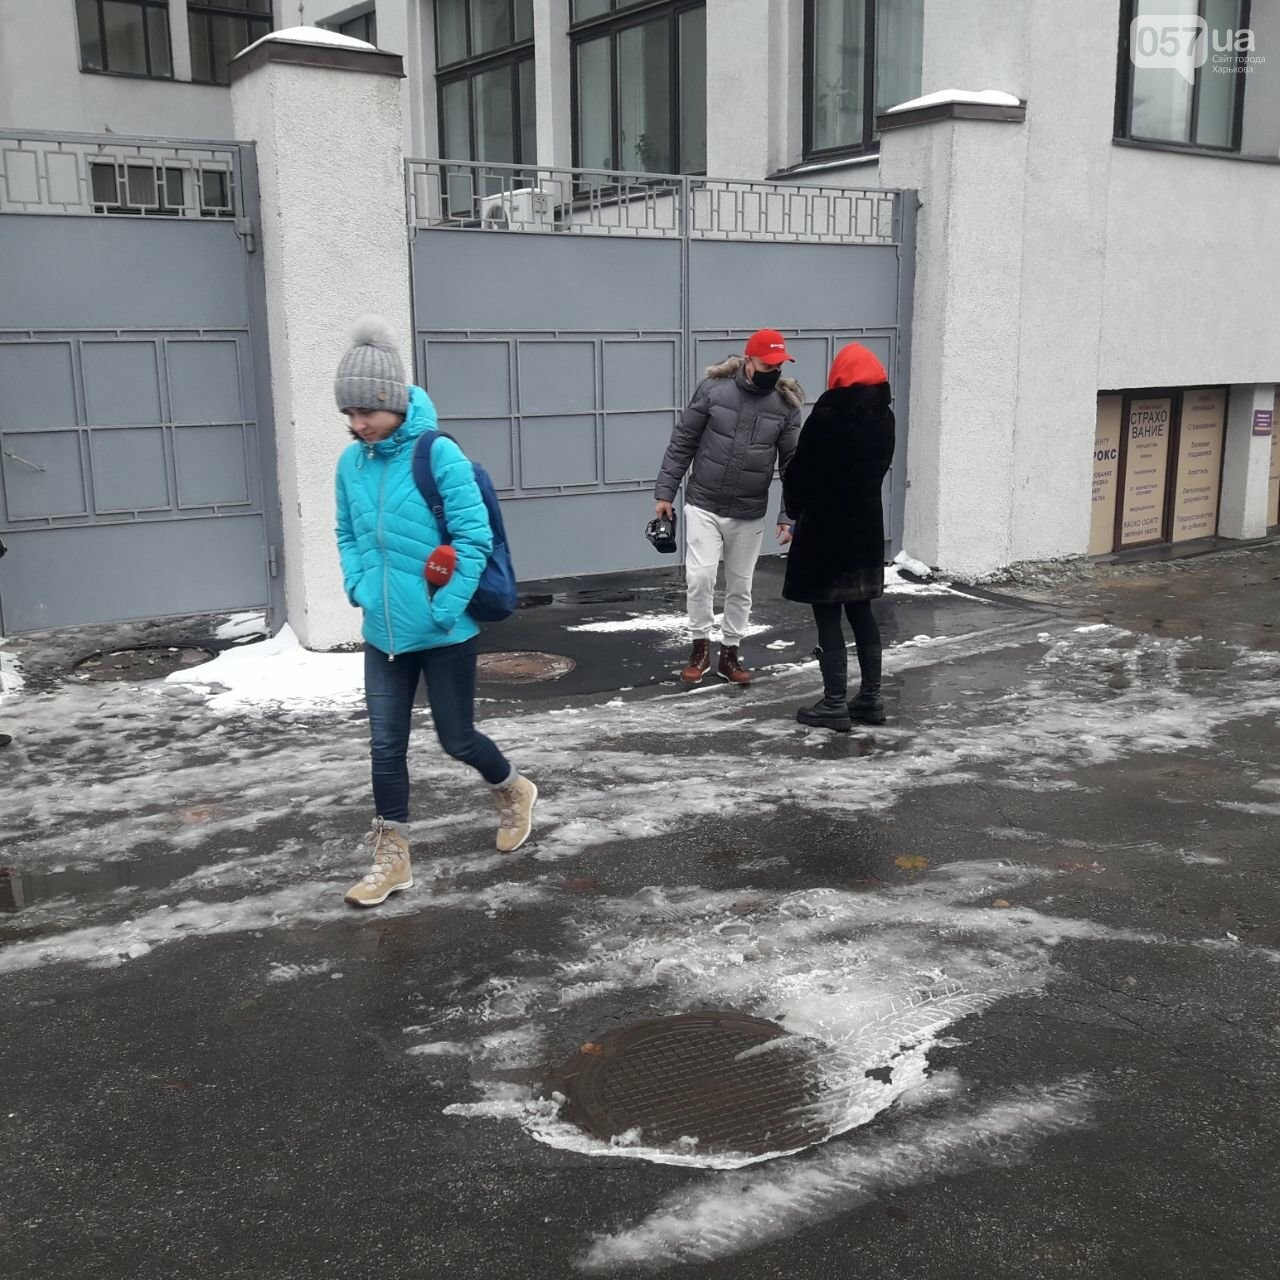 """В Харькове женщина упала с шестого этажа """"Госпрома"""" и разбилась насмерть, - ФОТО, фото-3"""